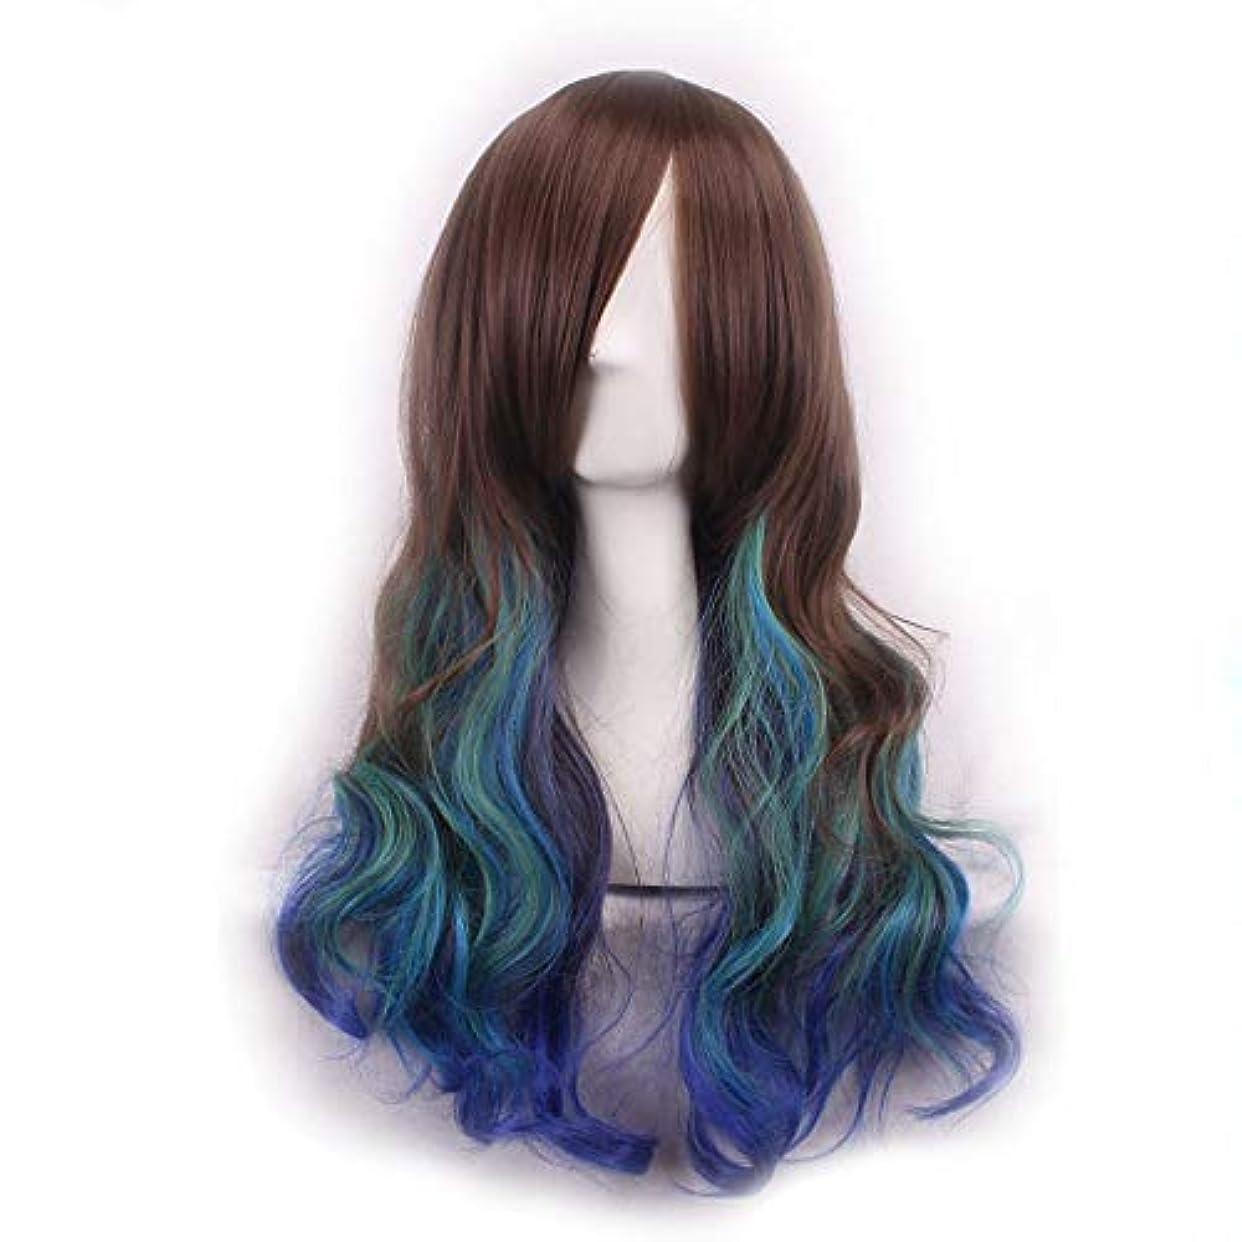 派手やめるレビューかつらキャップでかつらファンシードレスカールかつら女性用高品質合成毛髪コスプレ高密度かつら女性&女の子ブルー、レッド (Color : 青)